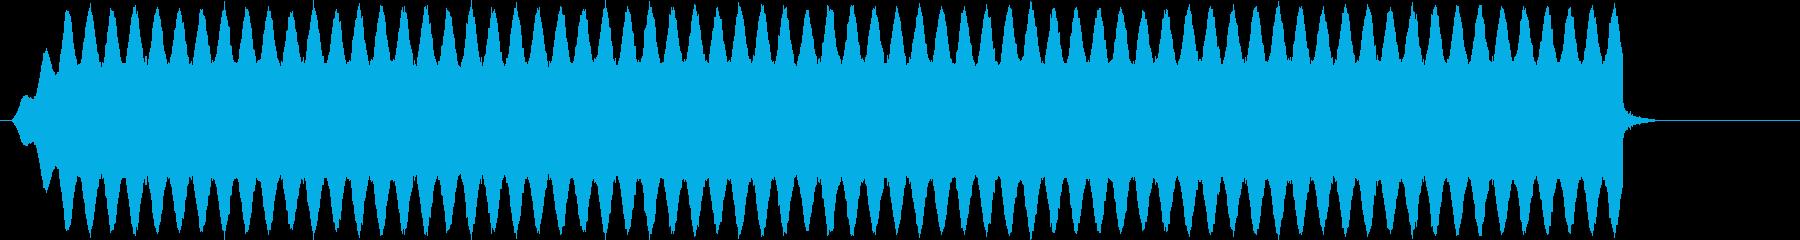 おっと。サイレン;ハイフーピーサイ...の再生済みの波形